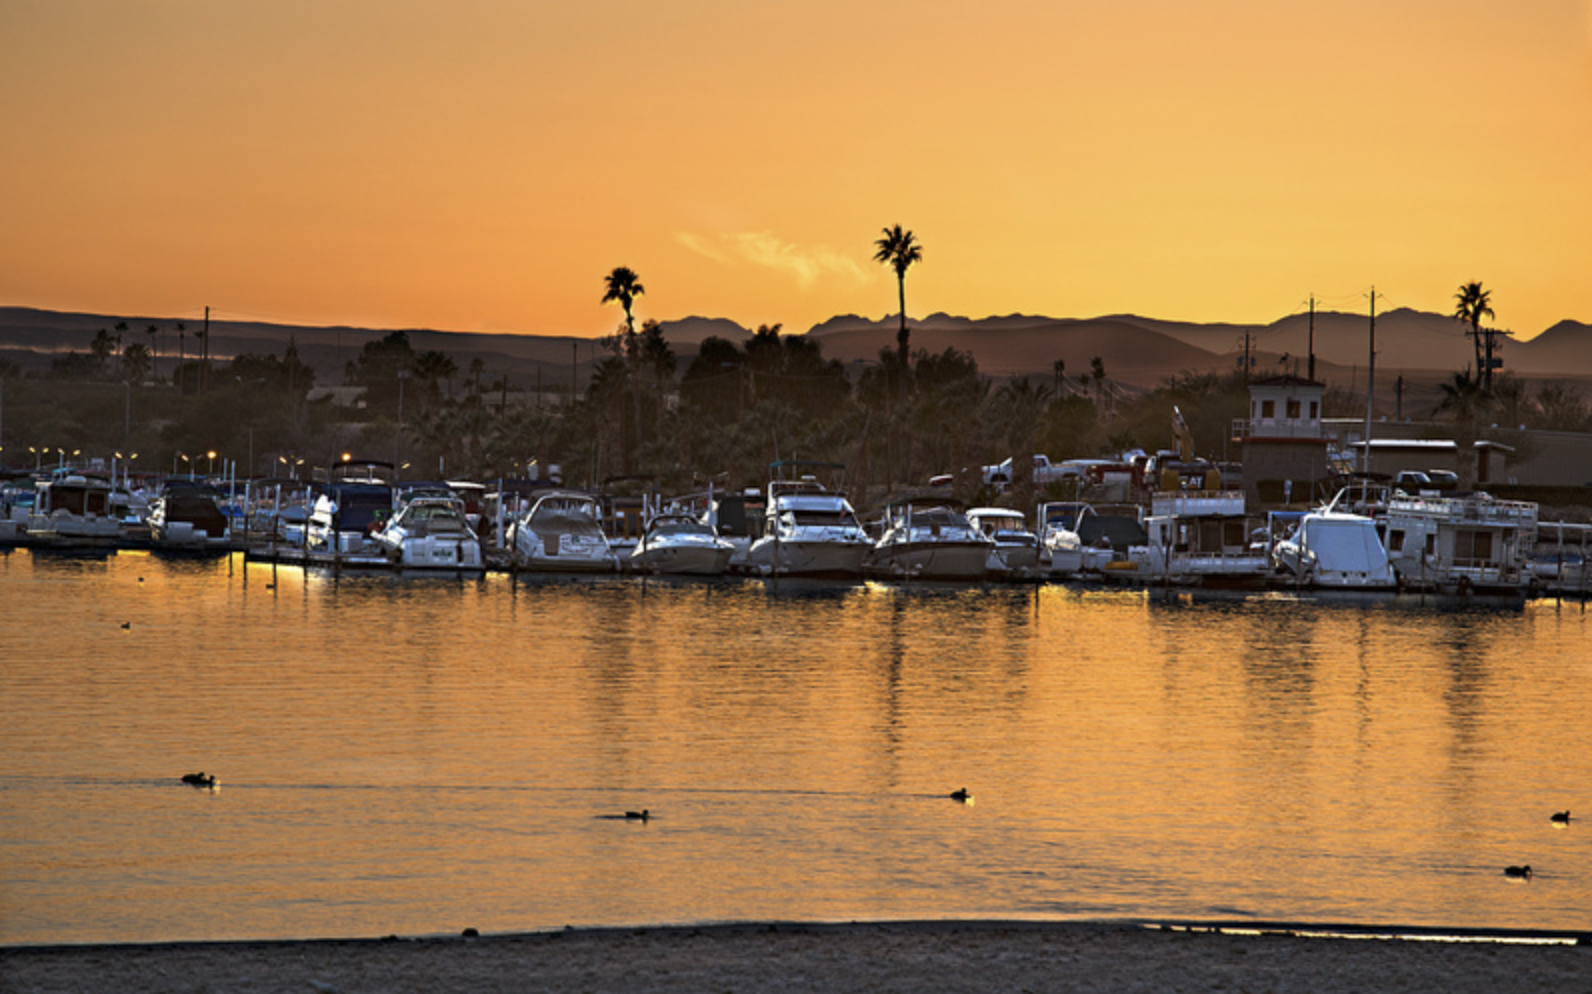 Last Light - December 31st, 2013 - Lake Havasu, Arizona